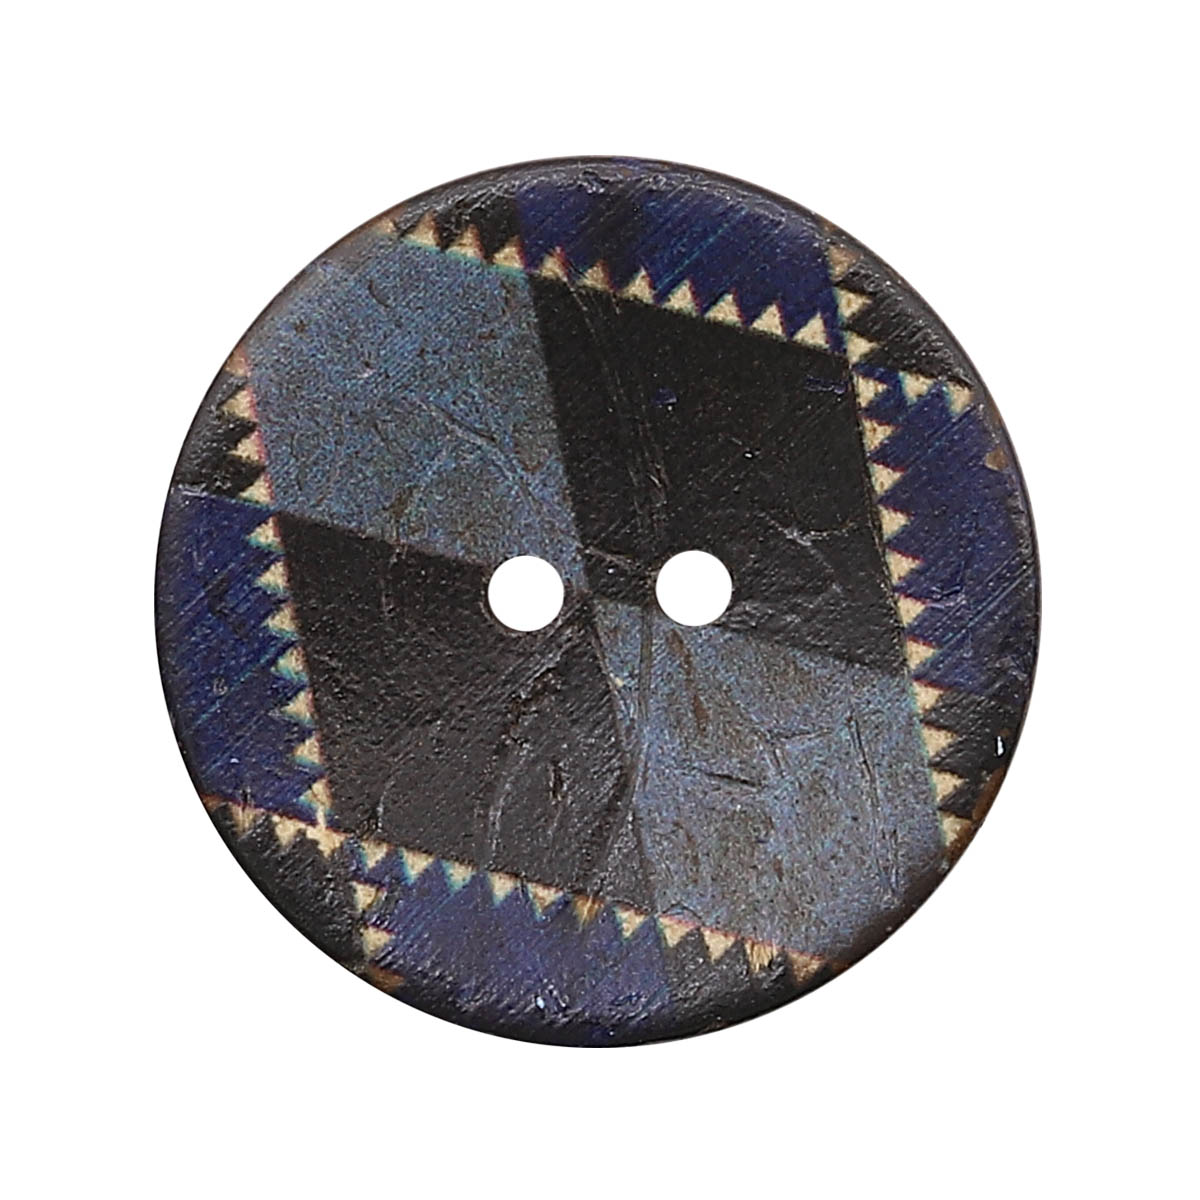 CB R-25 Пуговица кокос 44L (col.C (синий)) фото